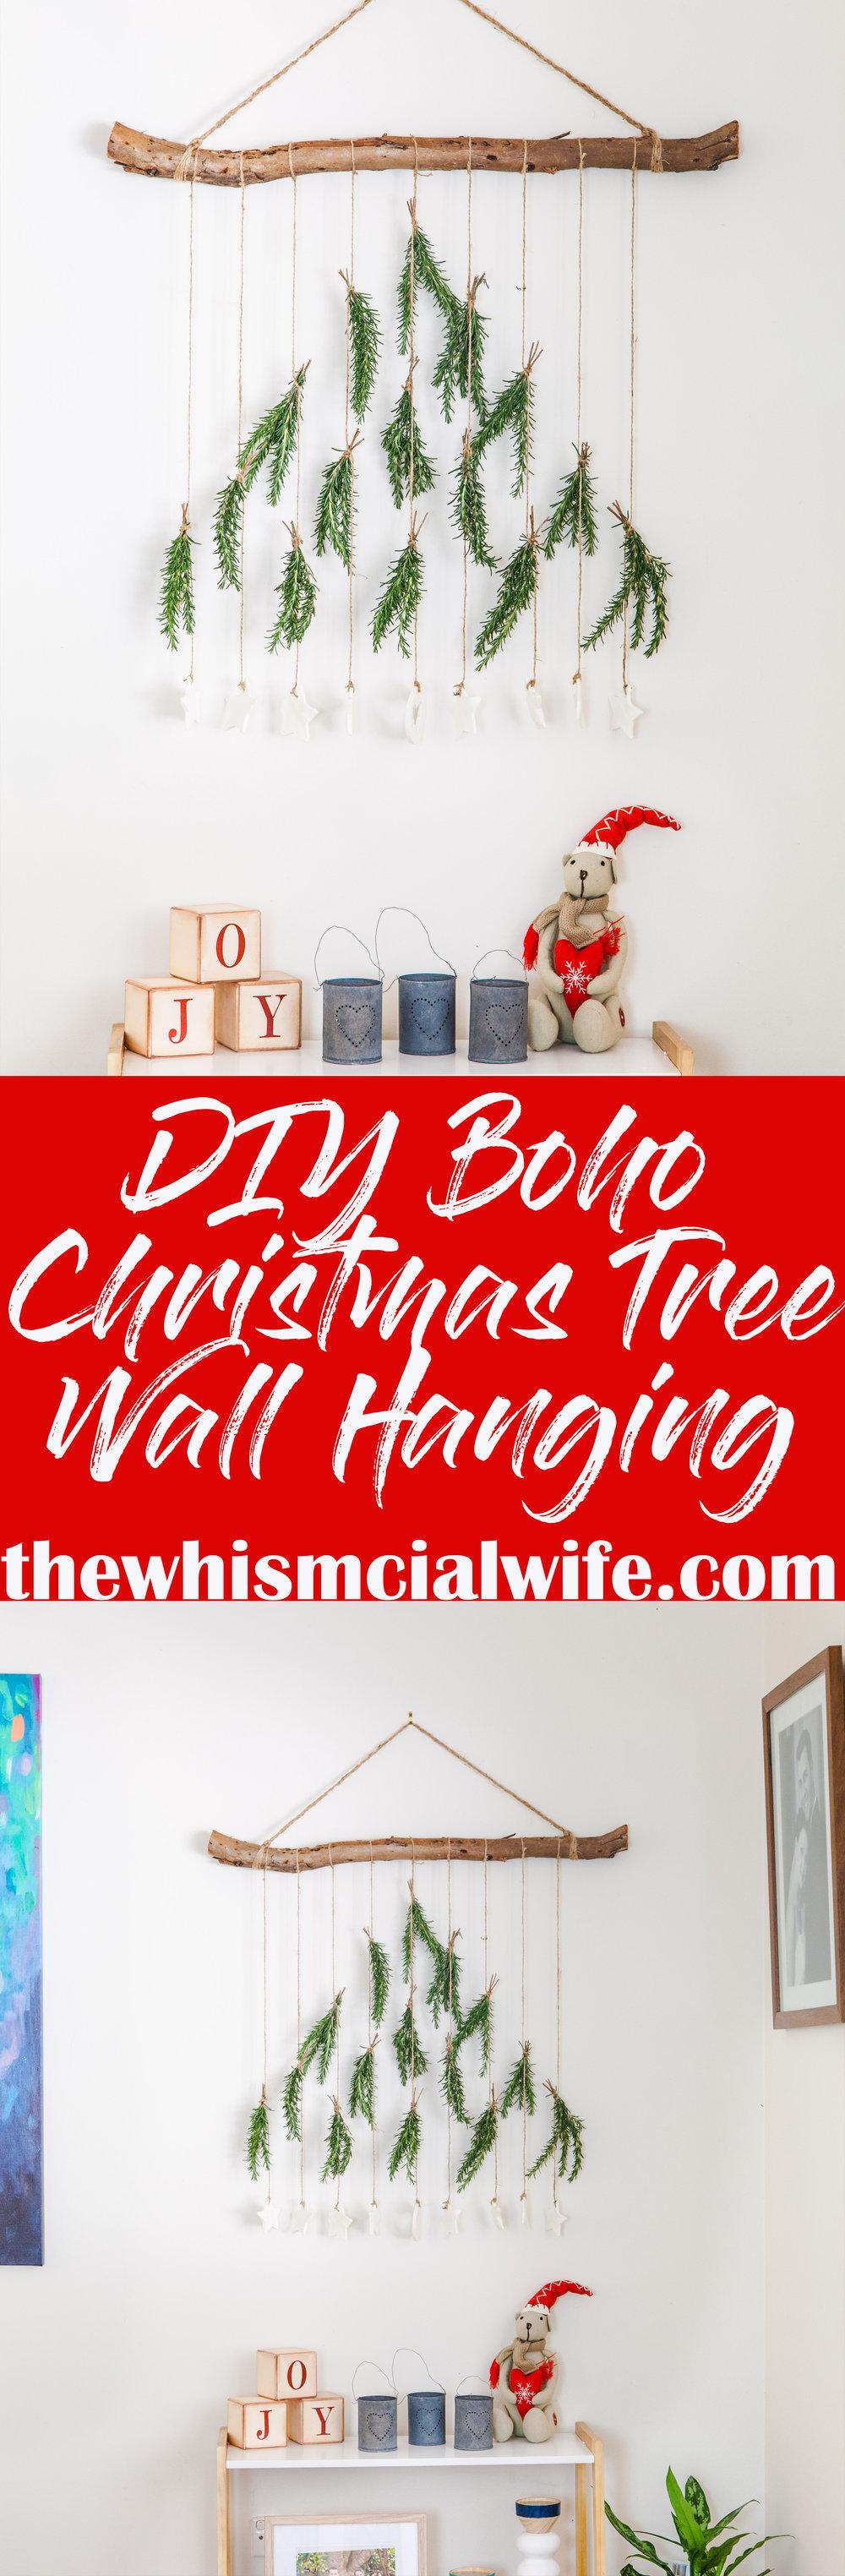 DIY Boho Christmas Tree Wall Hanging - thewhimsicalwife.com